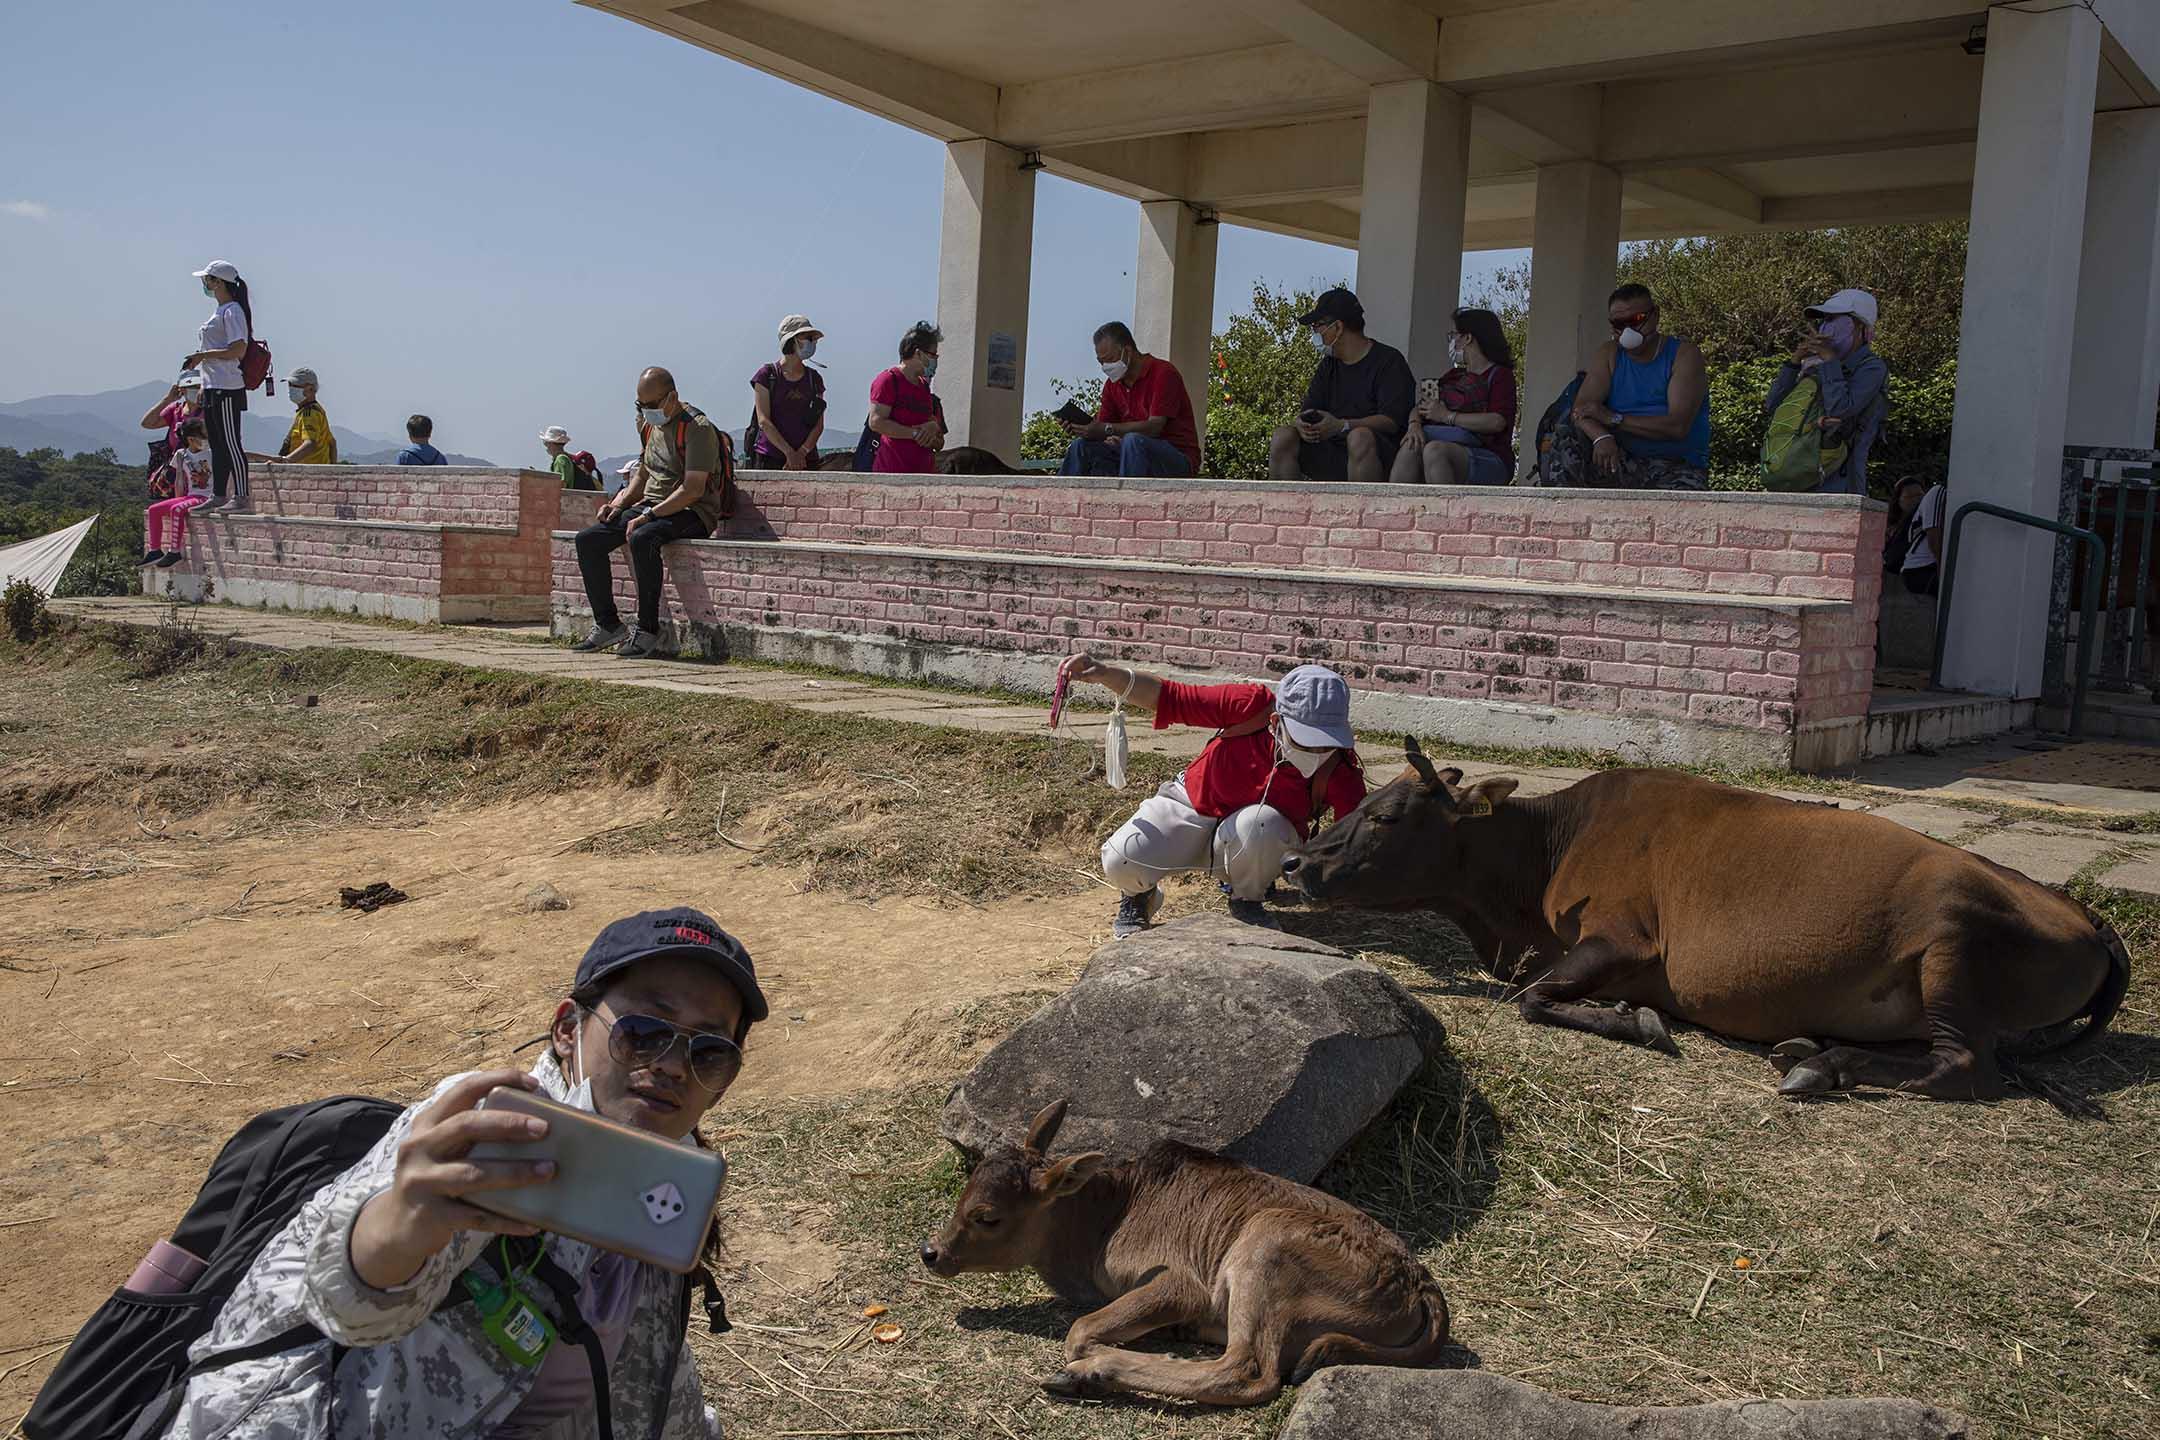 來訪塔門的遊人與黃牛合照。